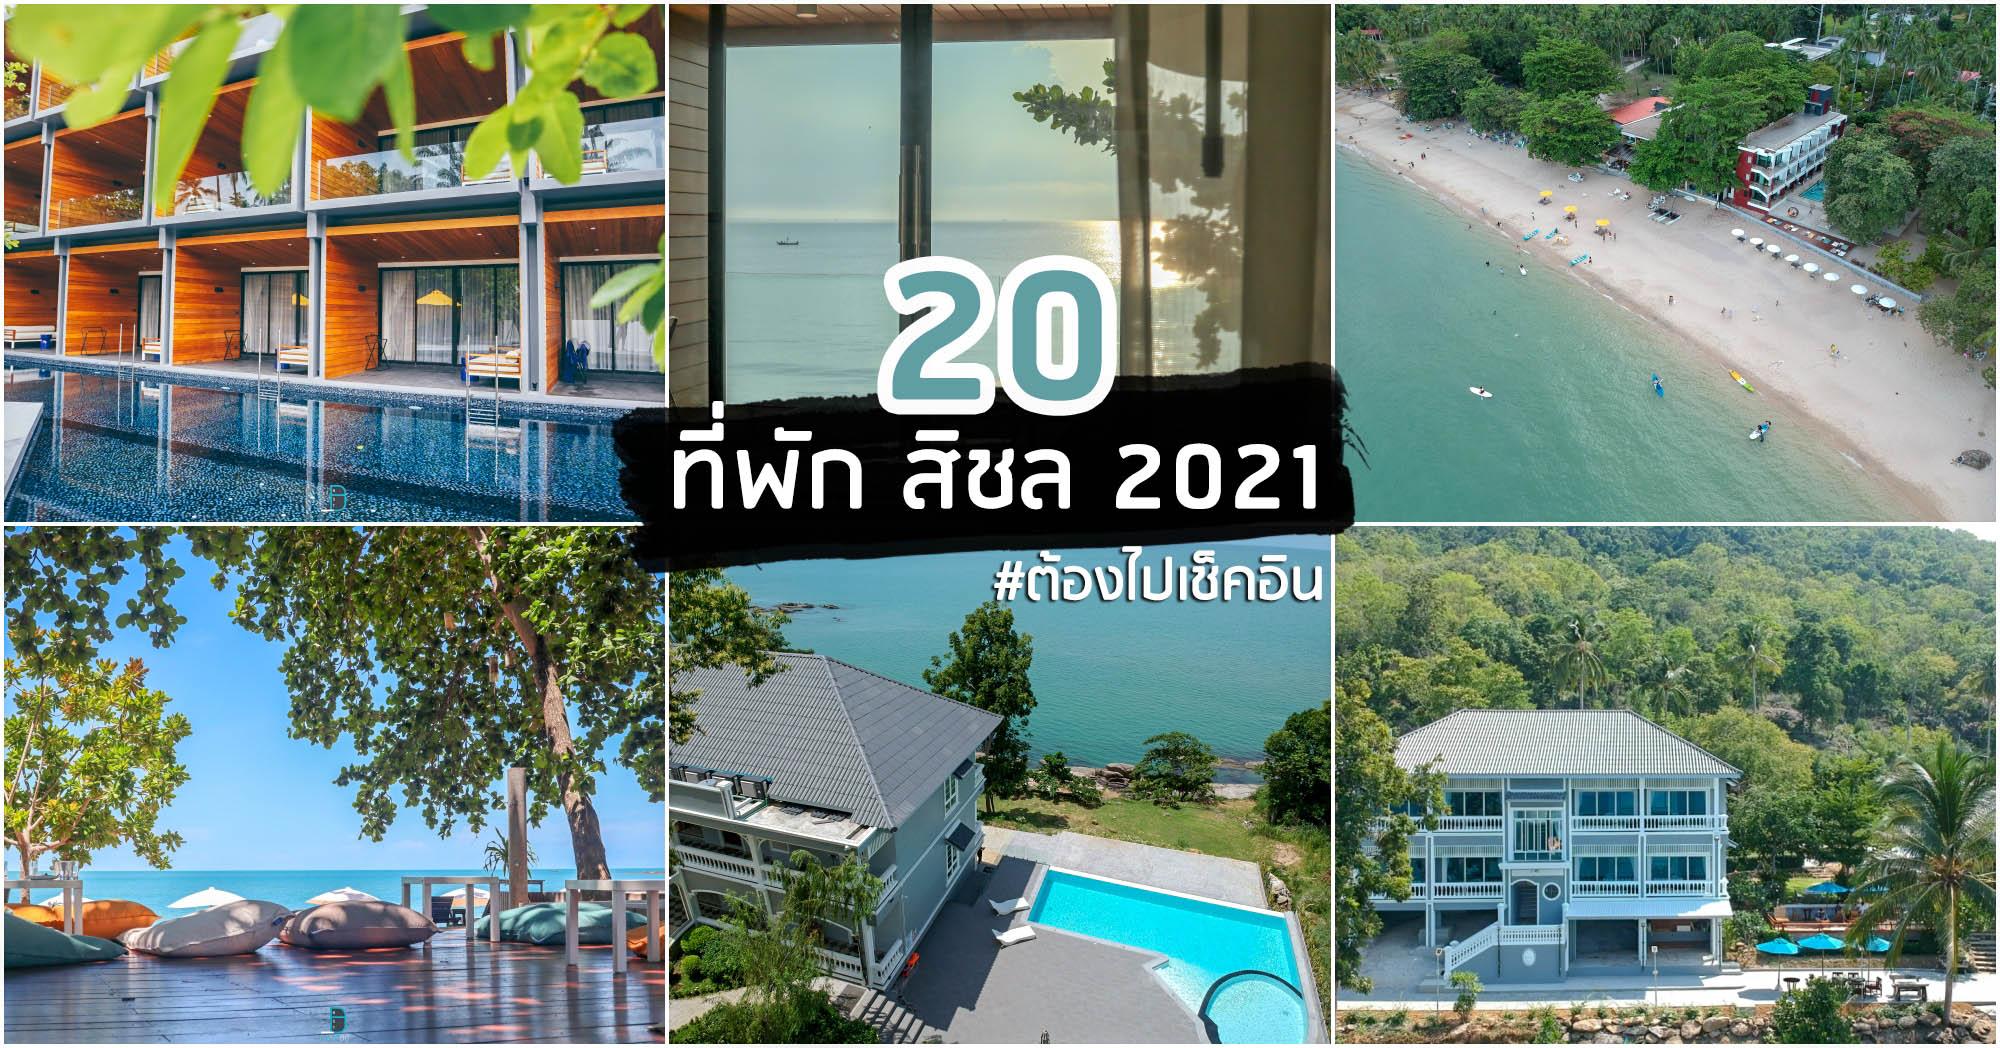 20 ที่พักสิชล นครศรีธรรมราช 2021 ทะเล เขาพลายดำ หาดหินงาม วิวหลักล้าน